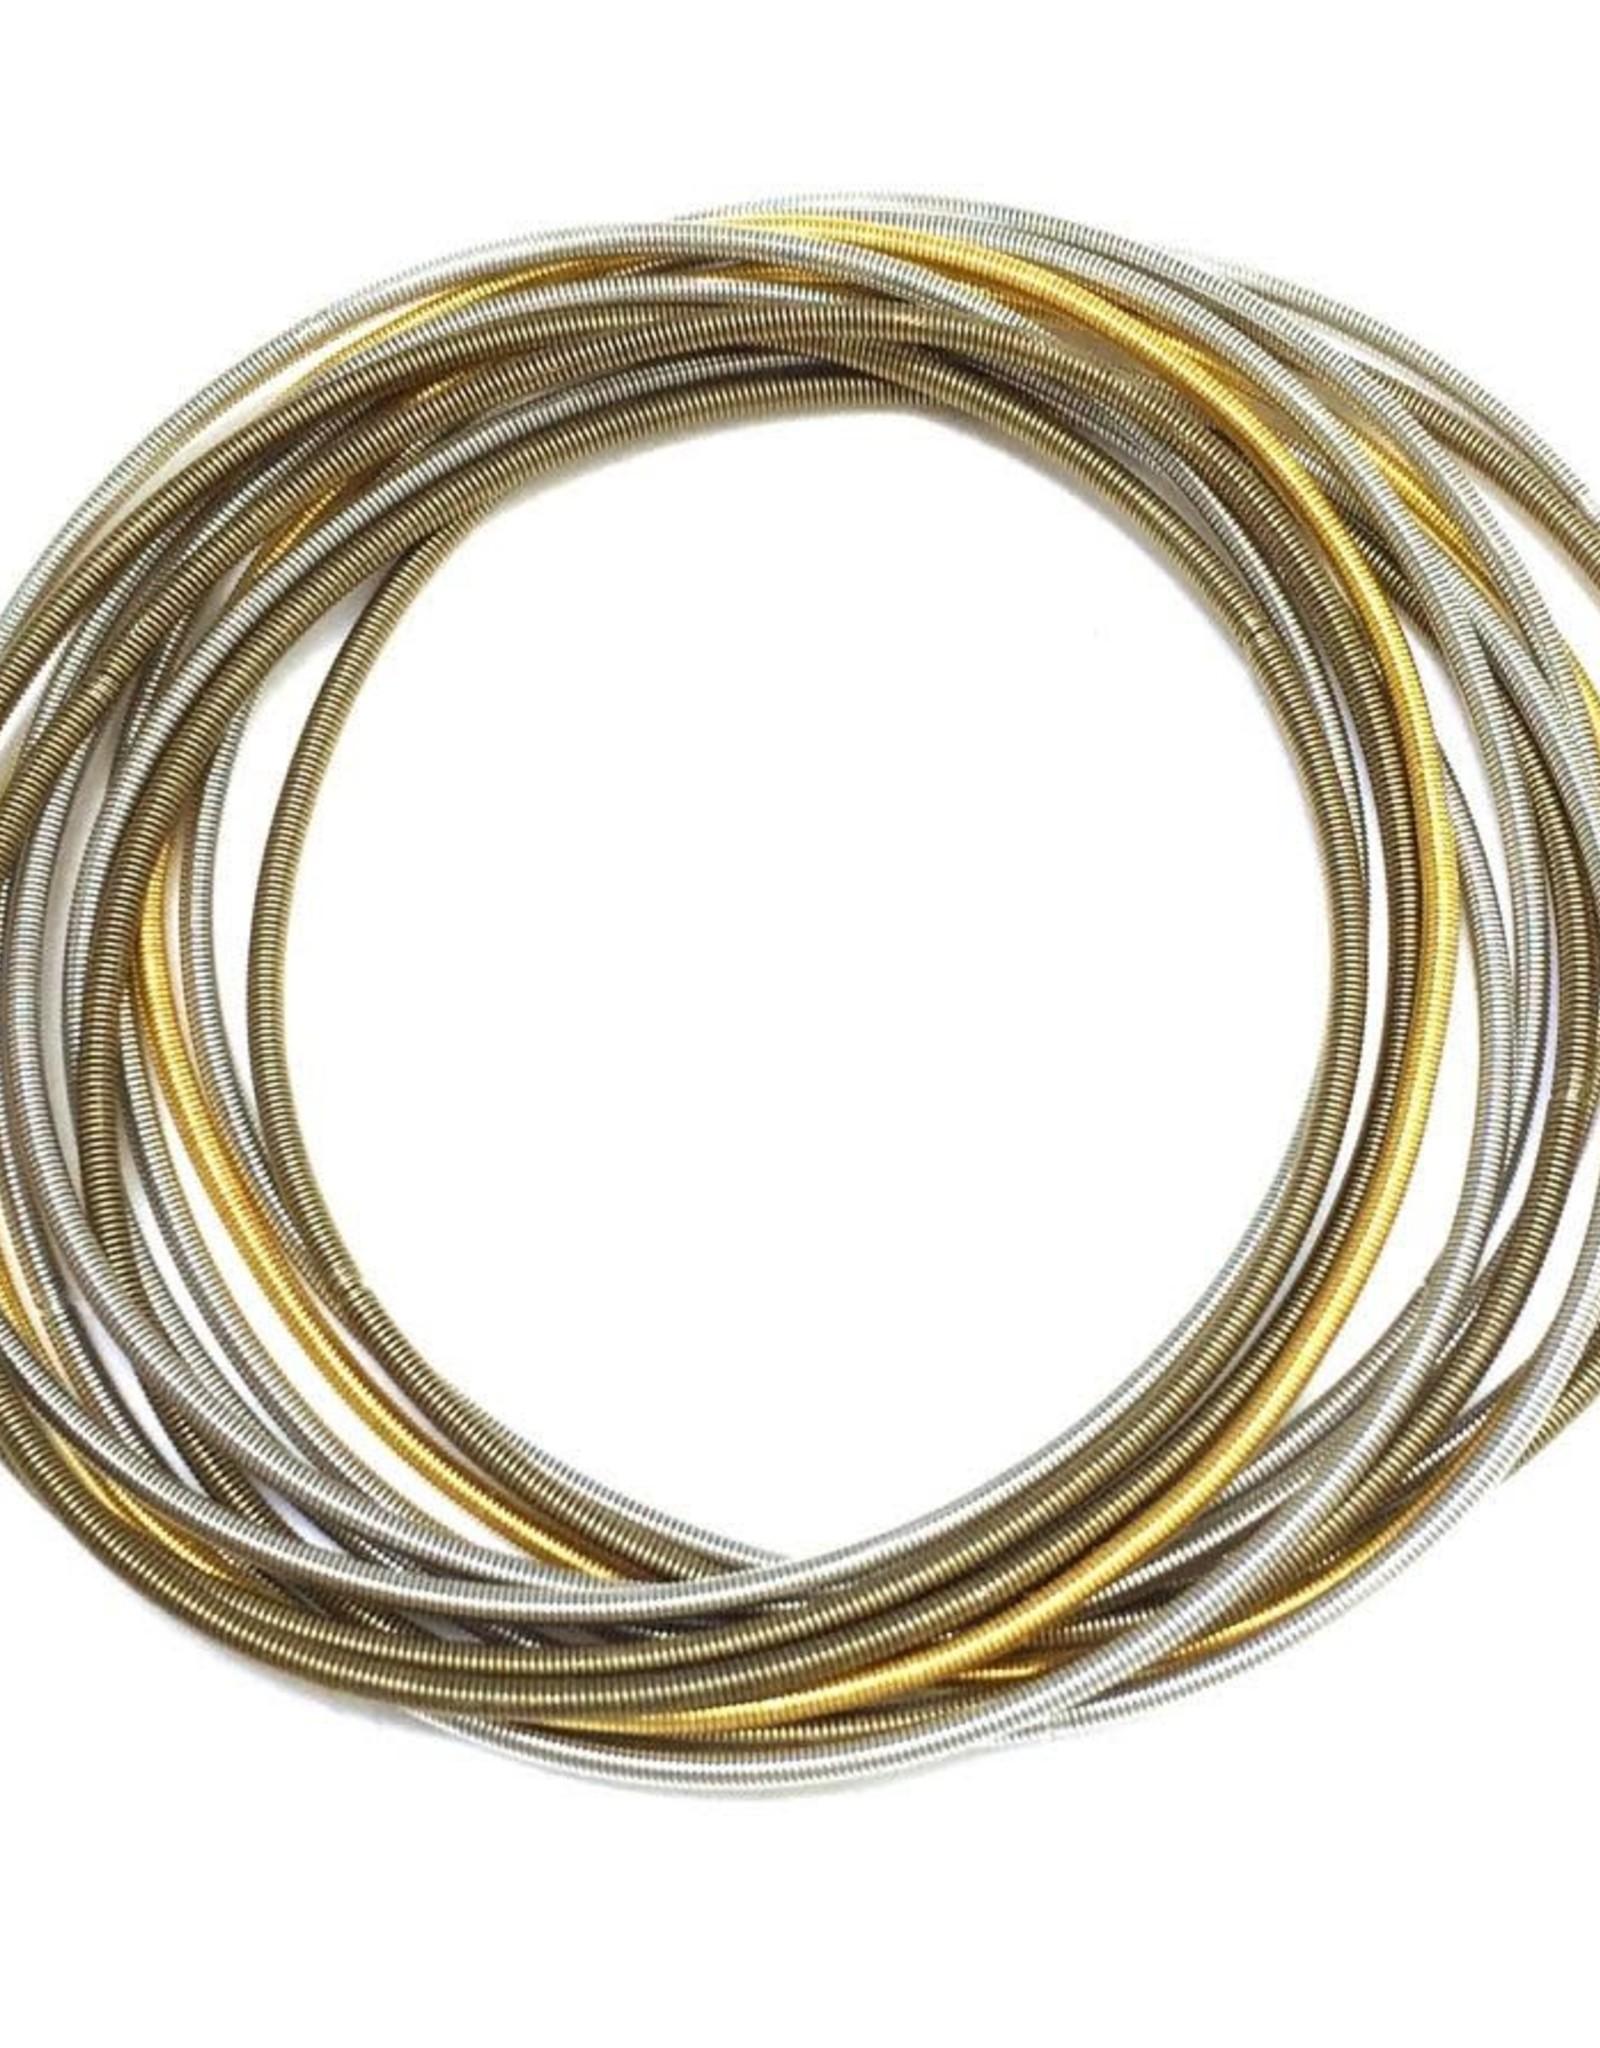 Sea-Lily Multi Silver & Gold Unbound Bracelets